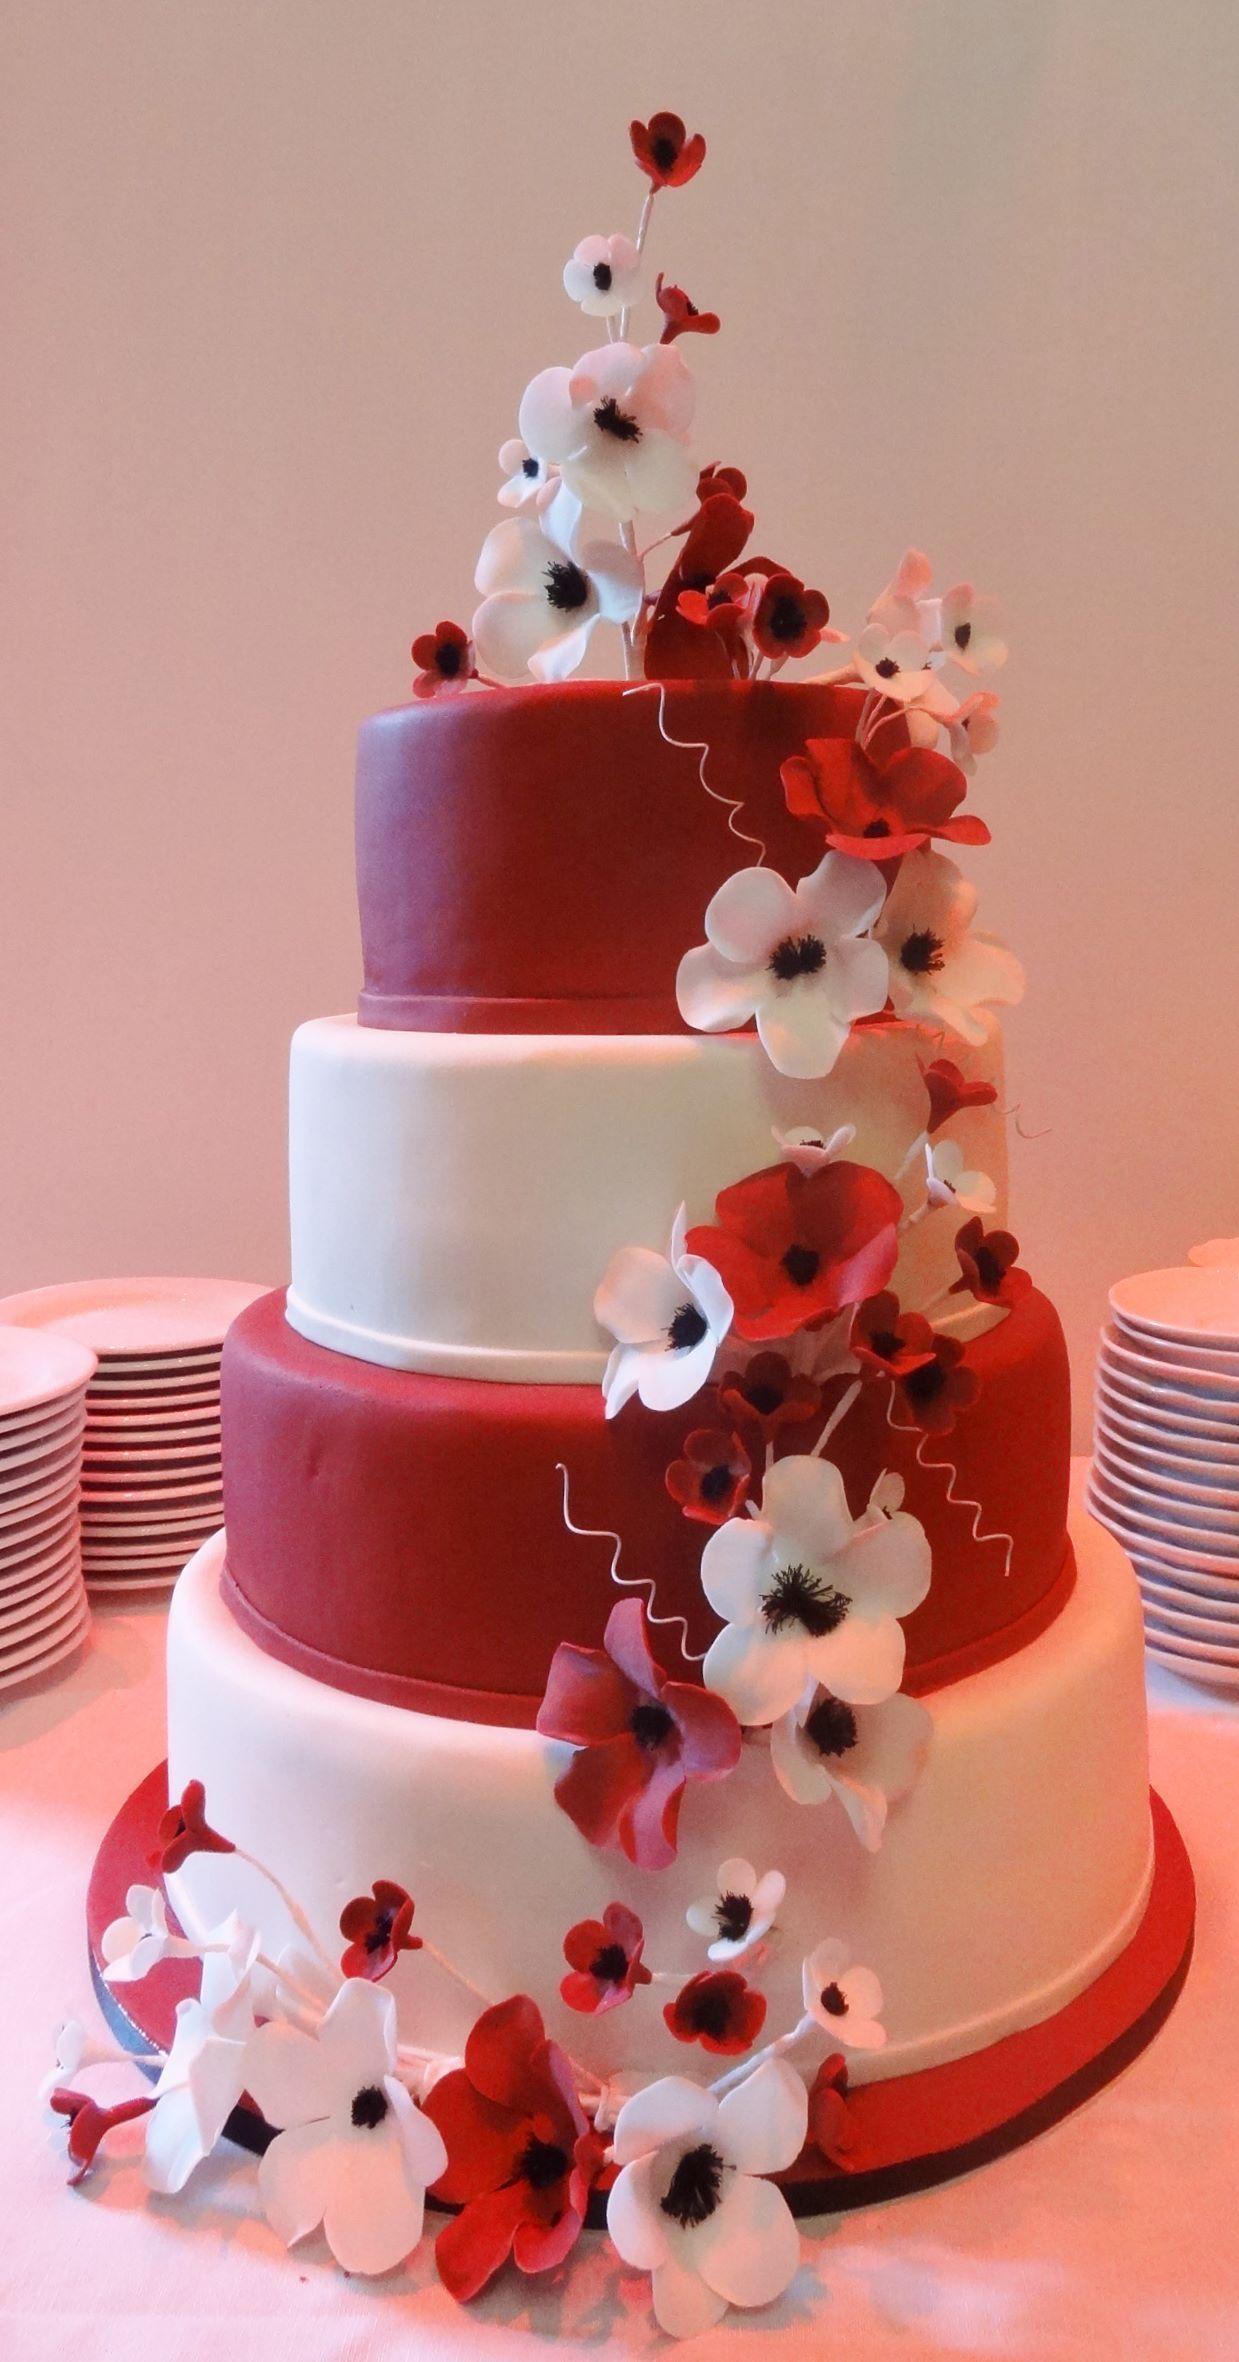 Weddingcake red-white   Happy birthday   Pinterest